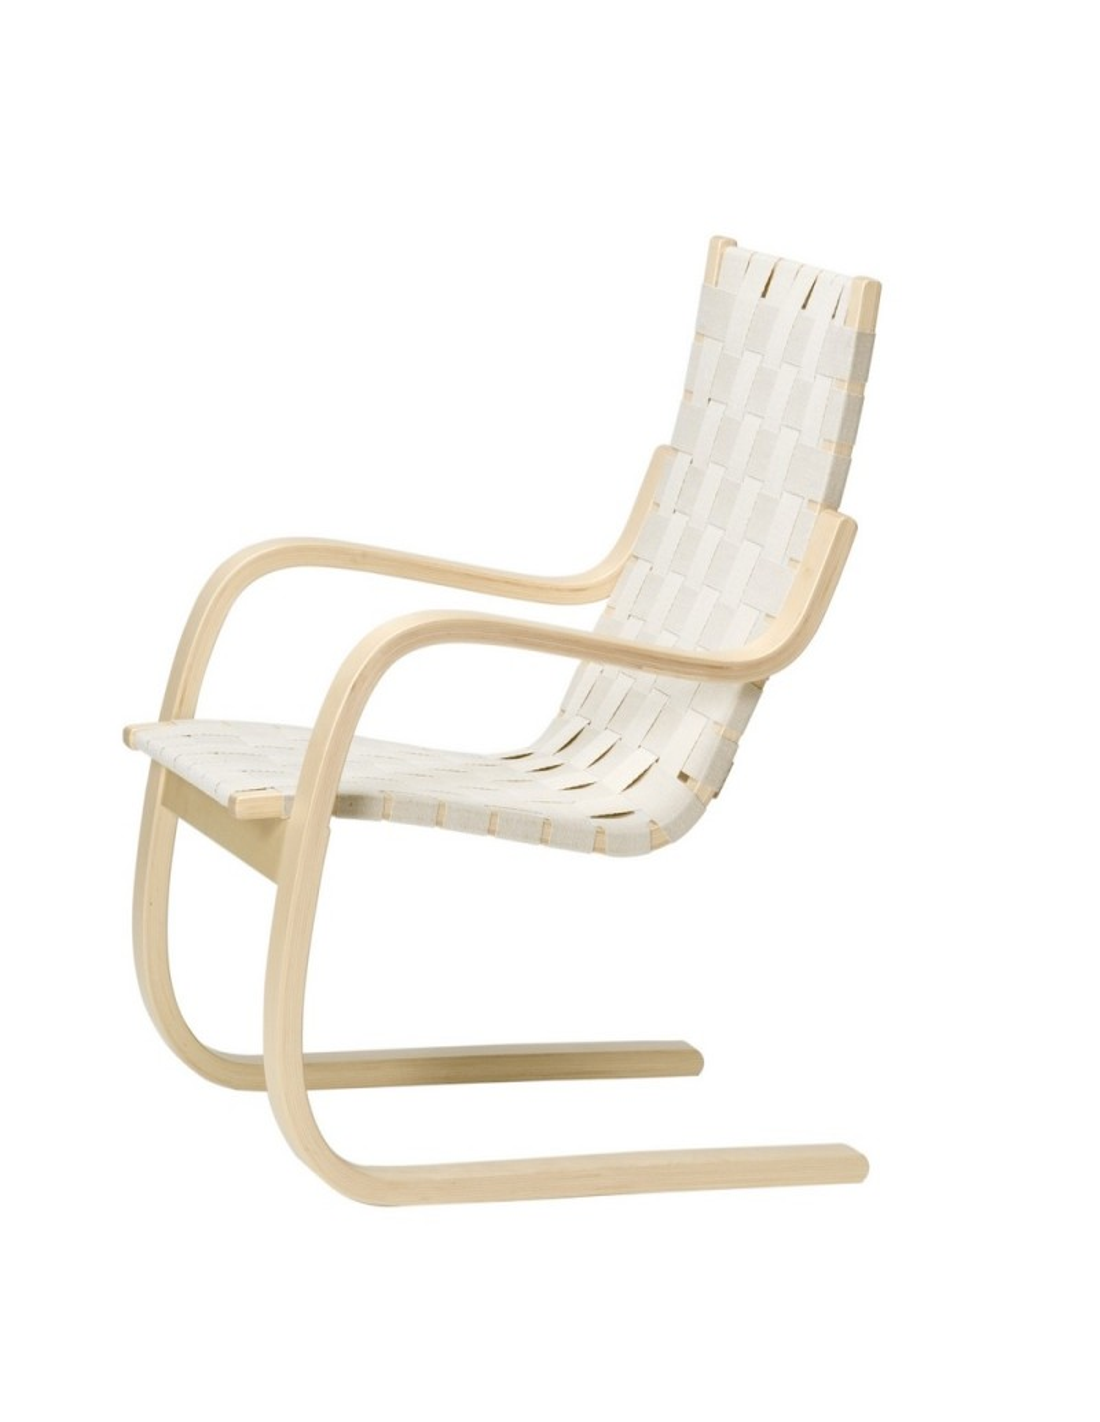 fauteuil 406 du designer alvar aalto pour artek fauteuil scandinave. Black Bedroom Furniture Sets. Home Design Ideas